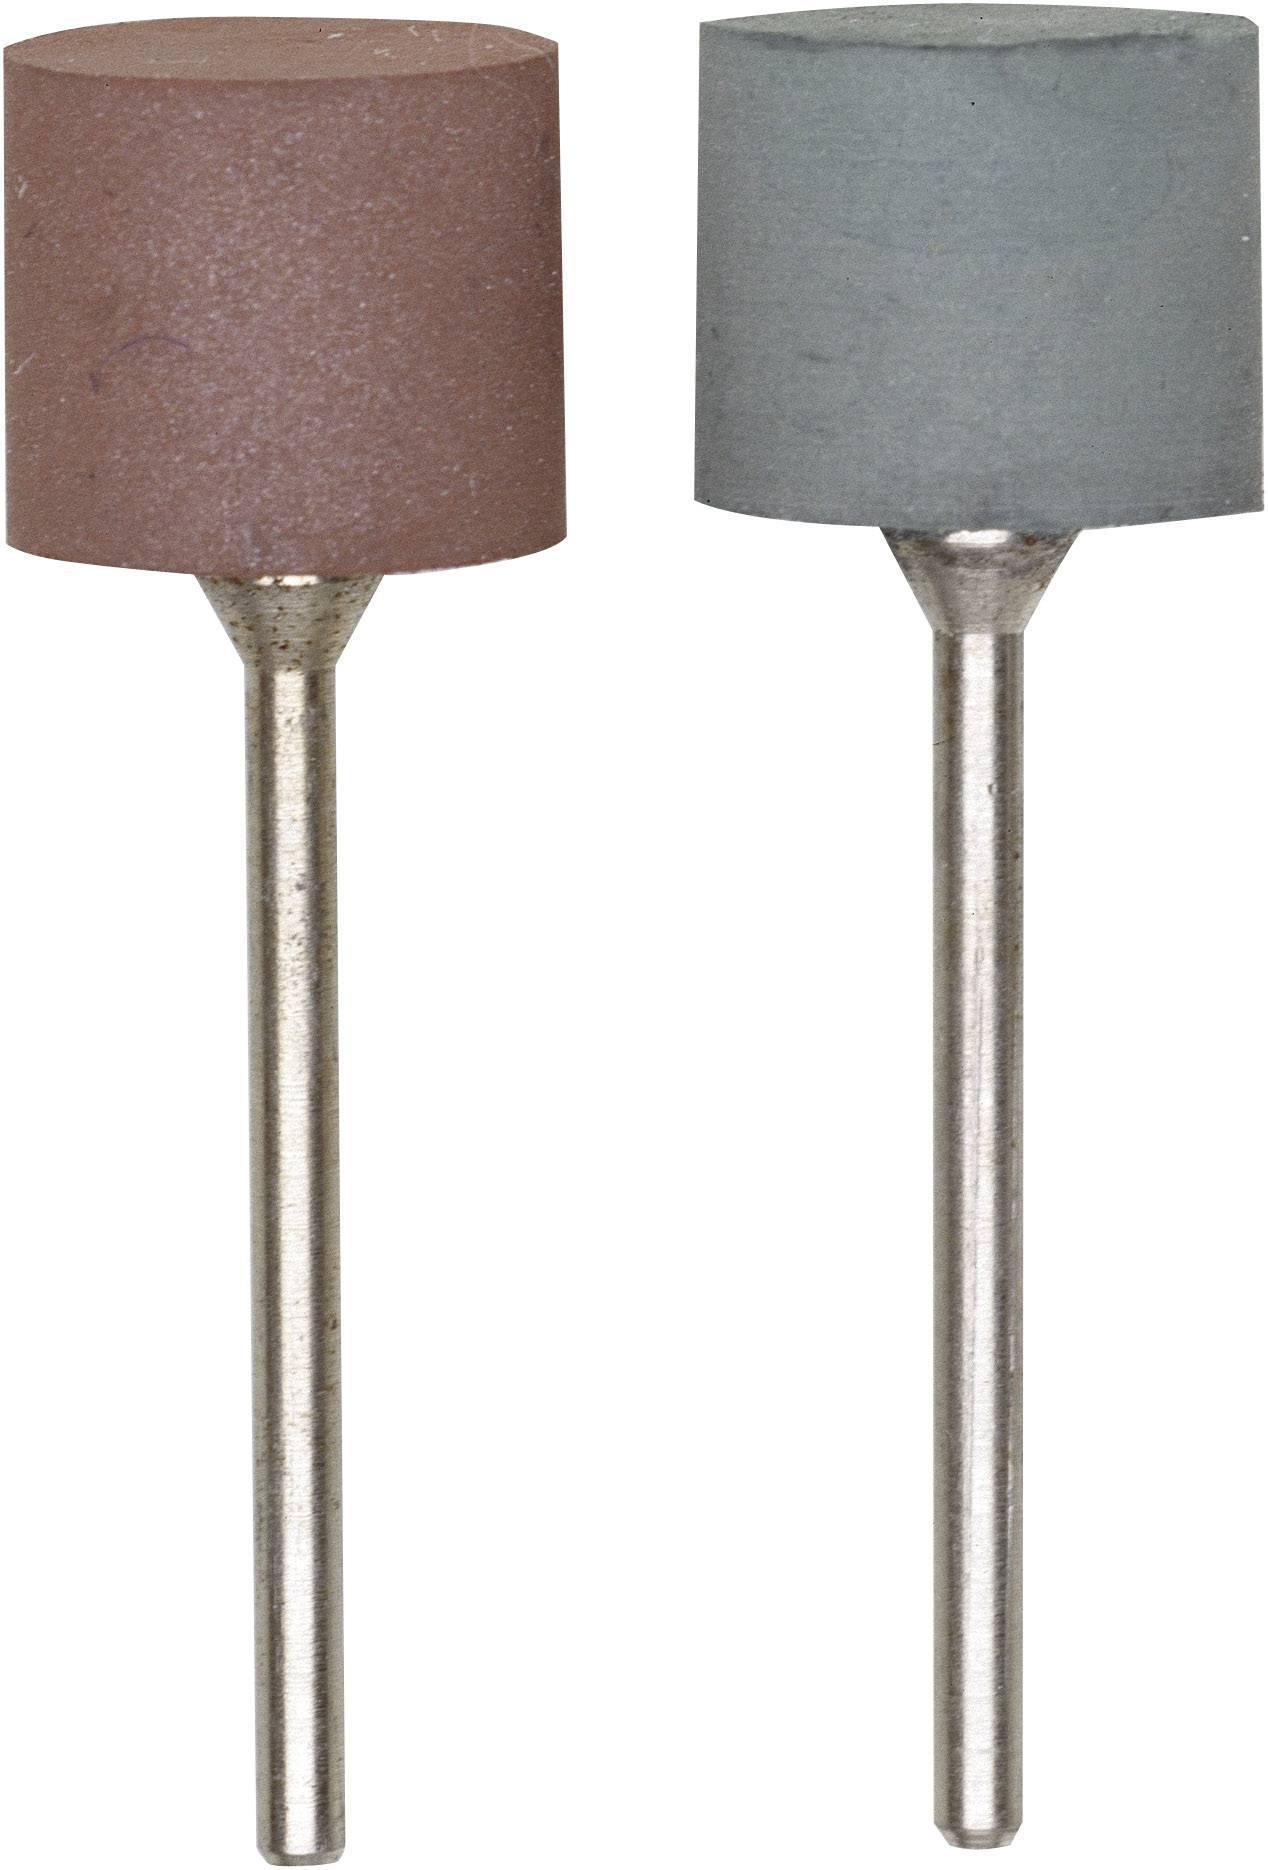 Lešticí sada Proxxon Micromot 28 295, Ø 14 x 12 mm, 2 ks